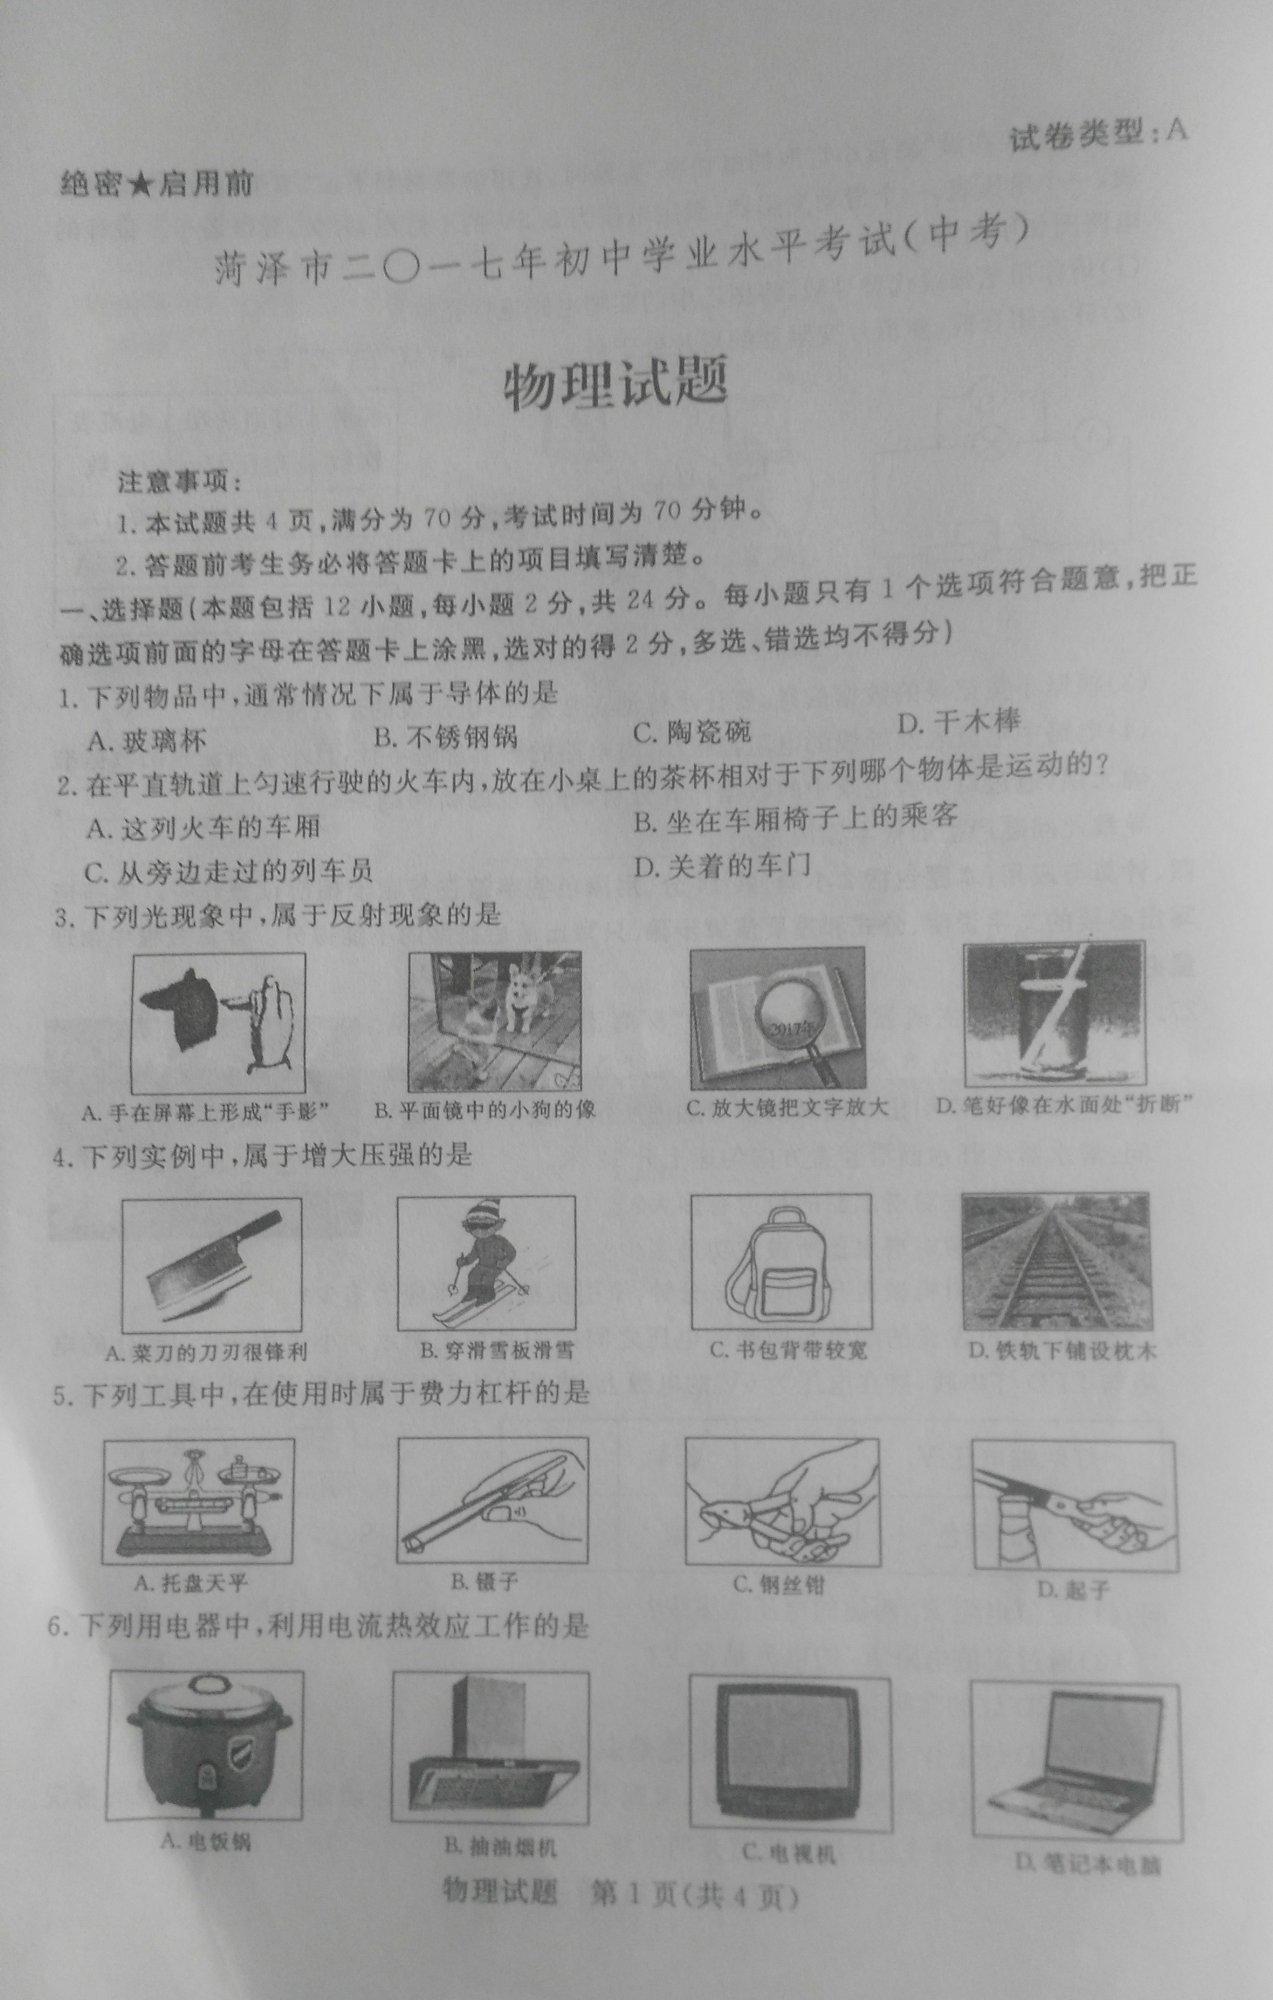 2017菏泽中考物理试题及答案解析(图片版无答案)